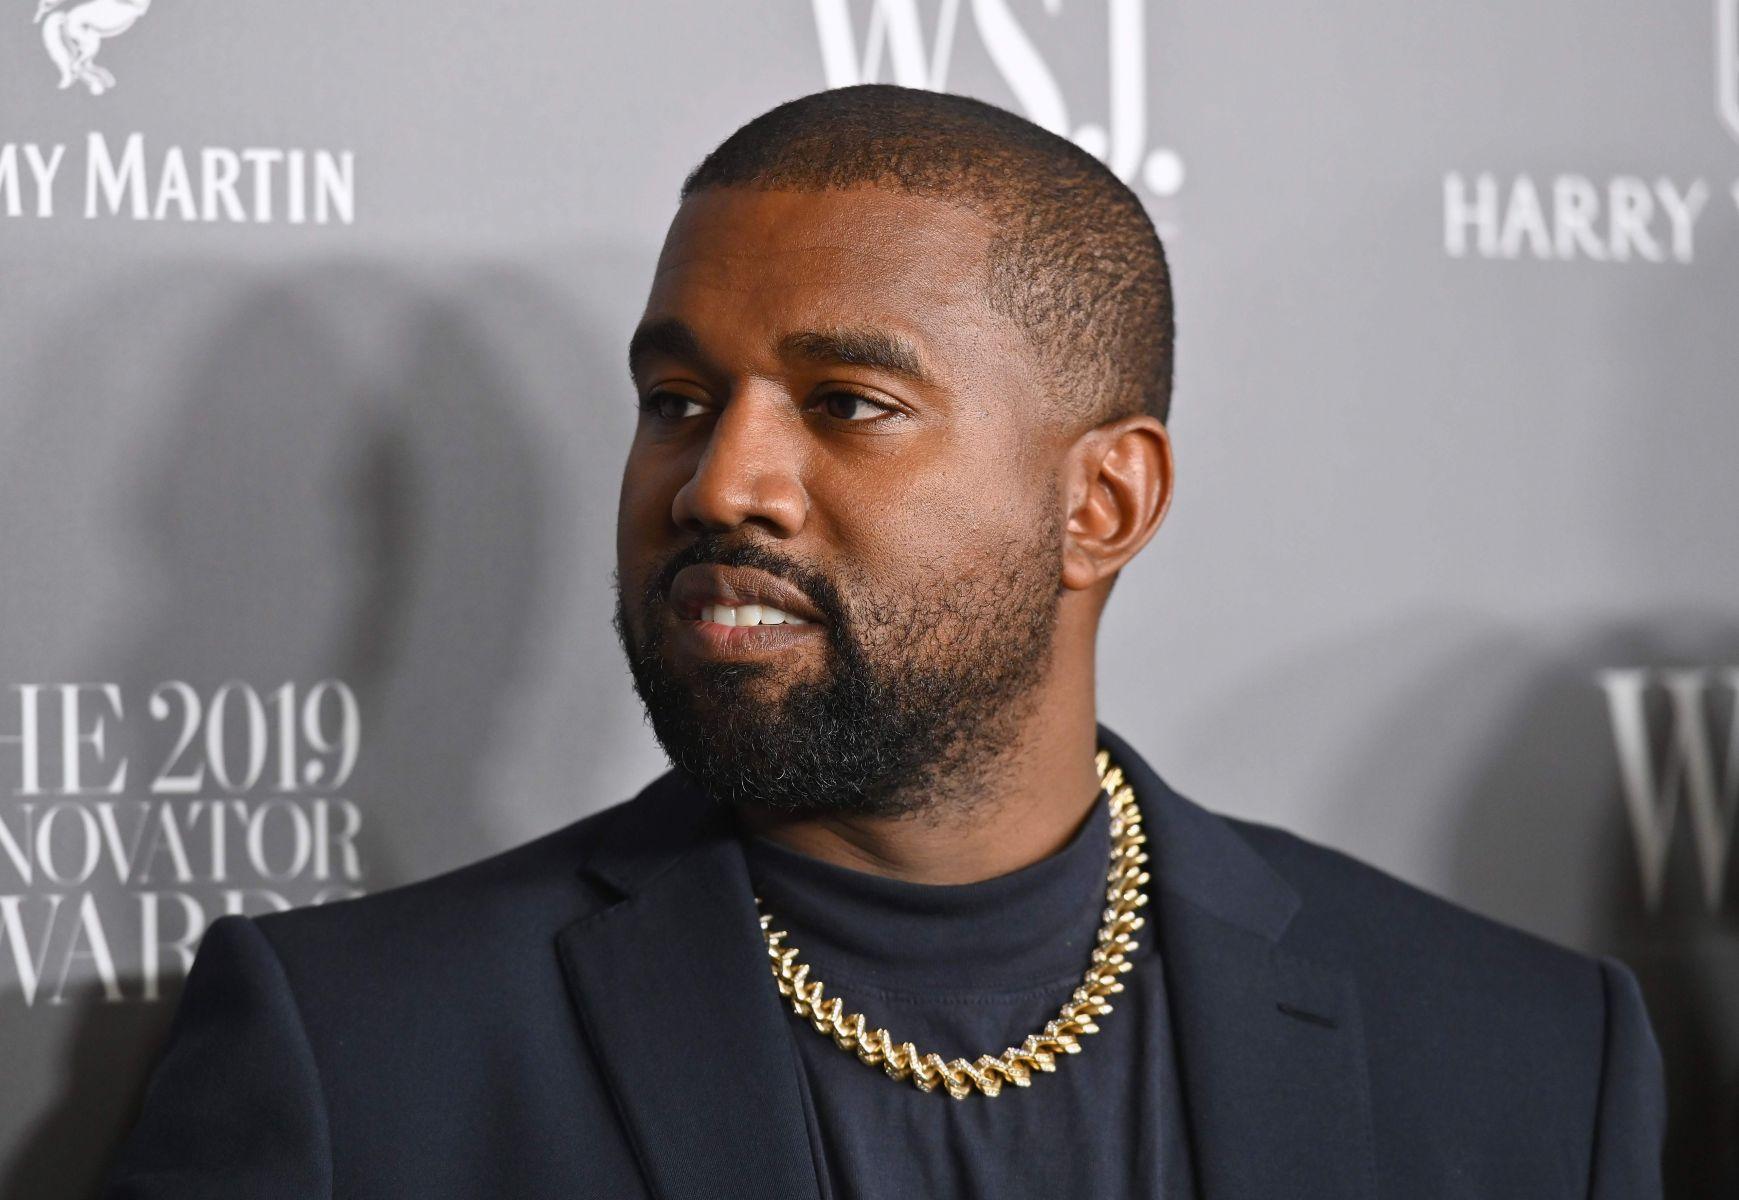 Kanye West disebut-sebut jadi orang kulit hitam terkaya sepanjang sejarah Amerika Bloomberg melaporkan, kekayaan Kanye West saat ini sebesar 6,6 miliar dollar AS atau sekitar Rp 95,2 trilliun.